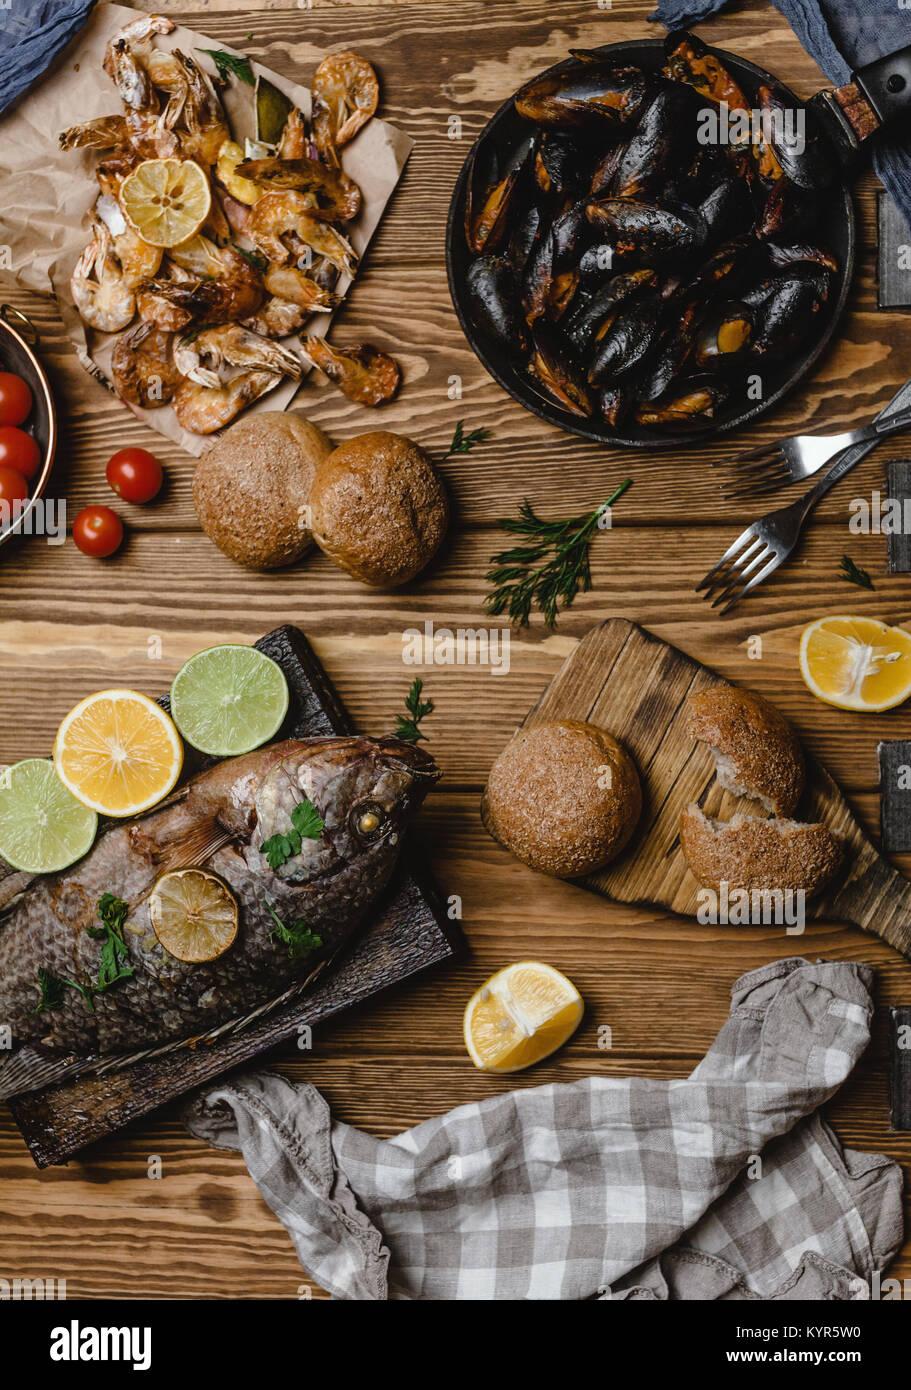 Vue du dessus de l'assortiment de fruits de mer et poisson cuit au four avec du pain et des tomates sur la table Photo Stock